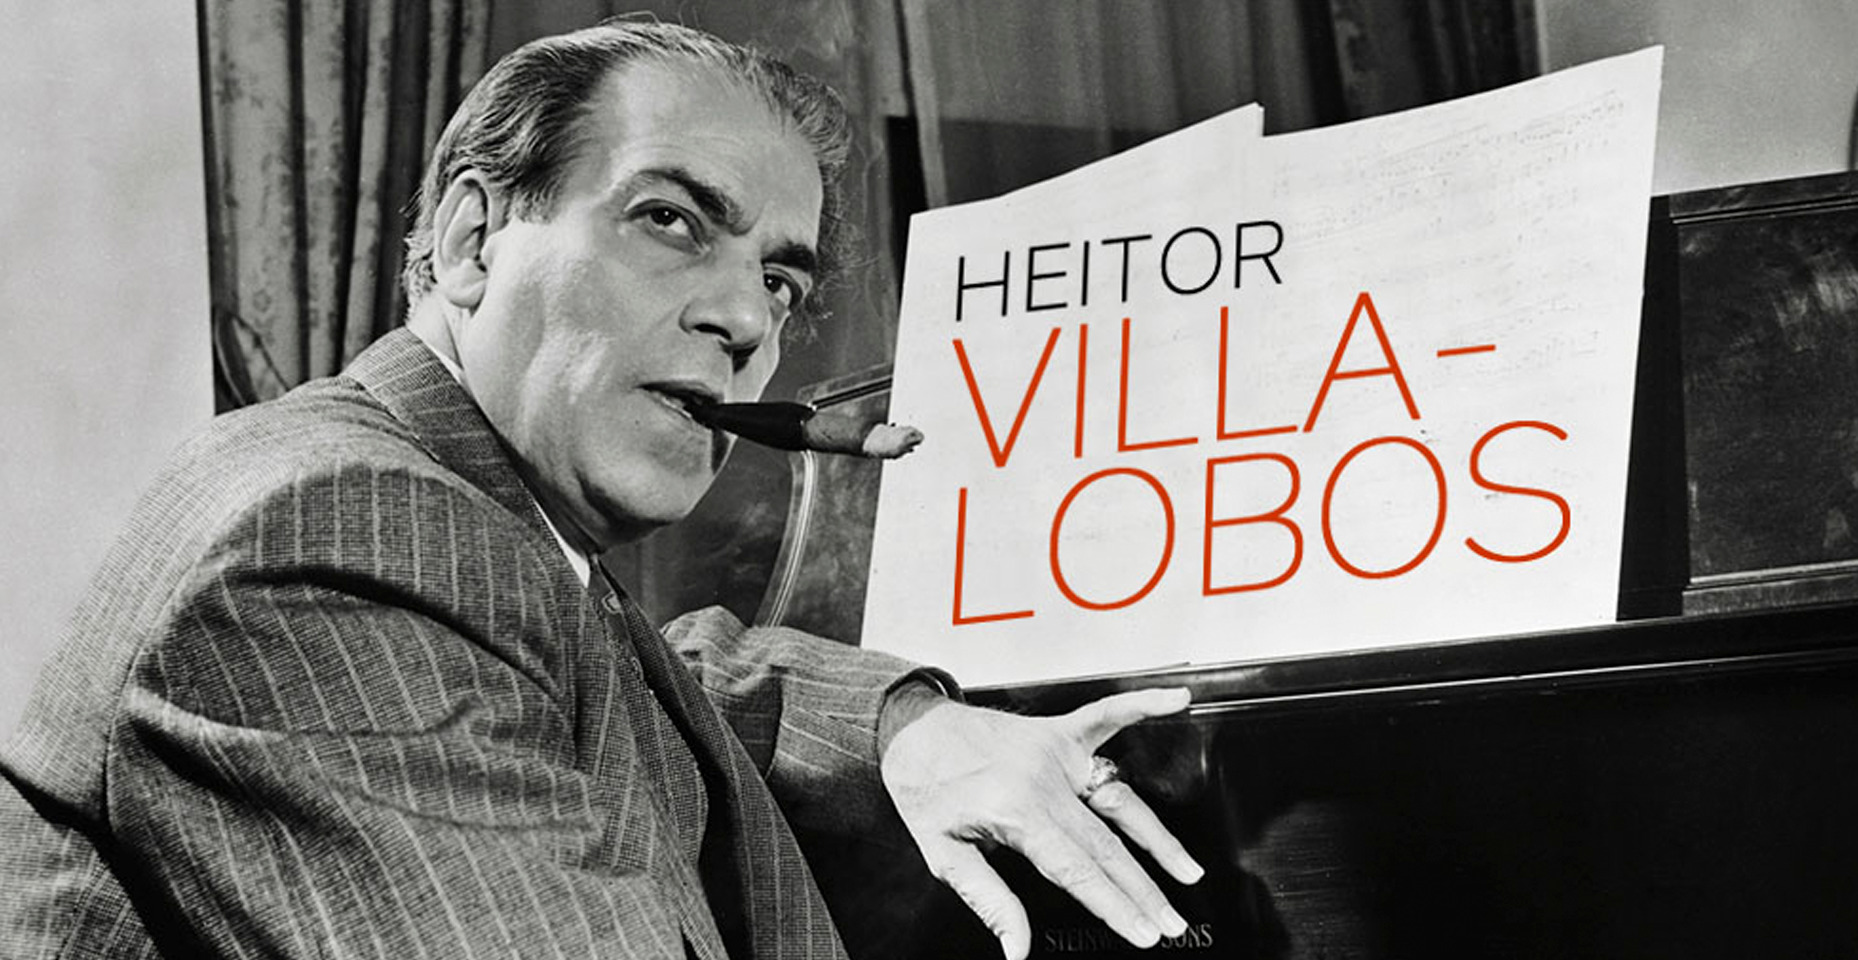 Heitor Villalobos